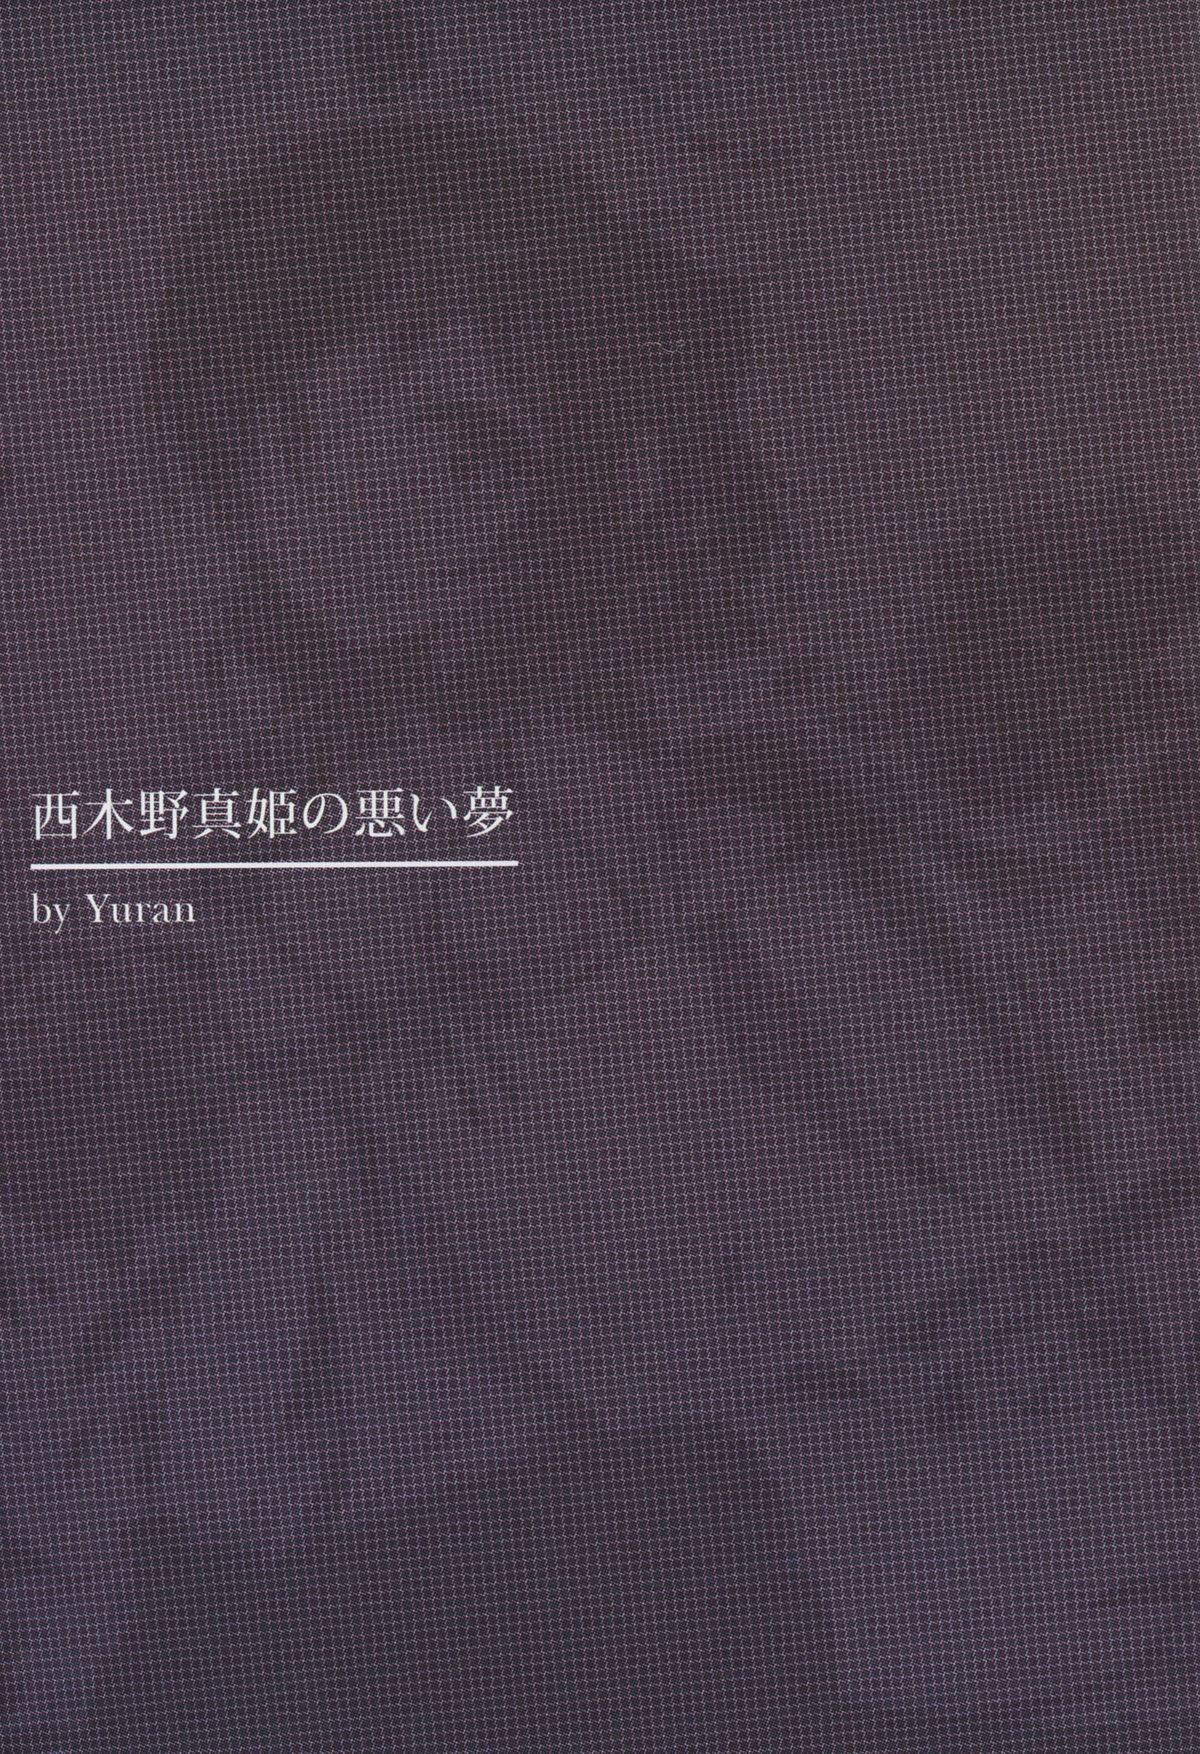 Nishikino Maki no Warui Yume 2